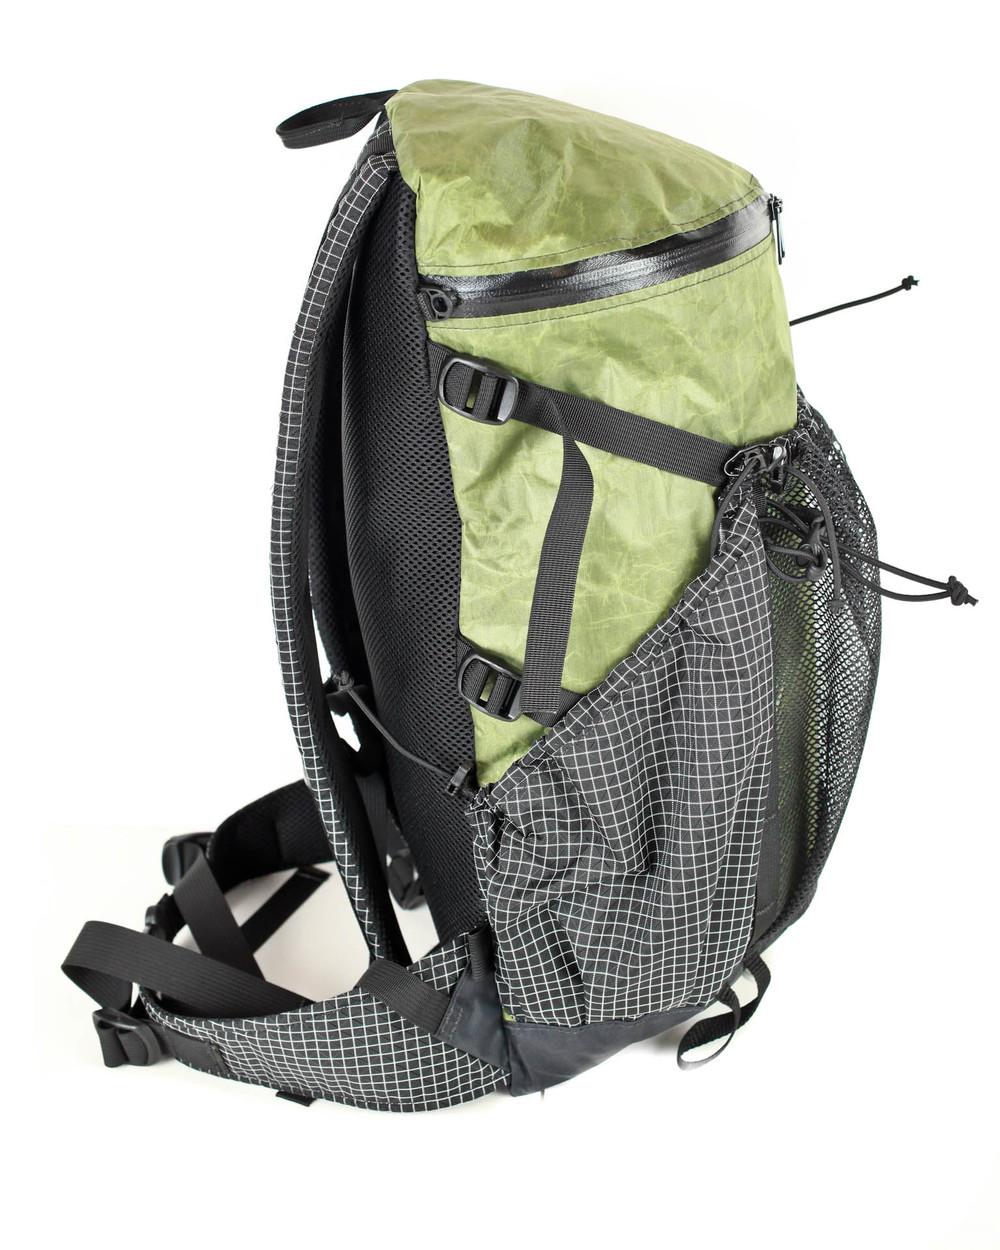 Zimmerbuilt custom 1700 c.i. pack